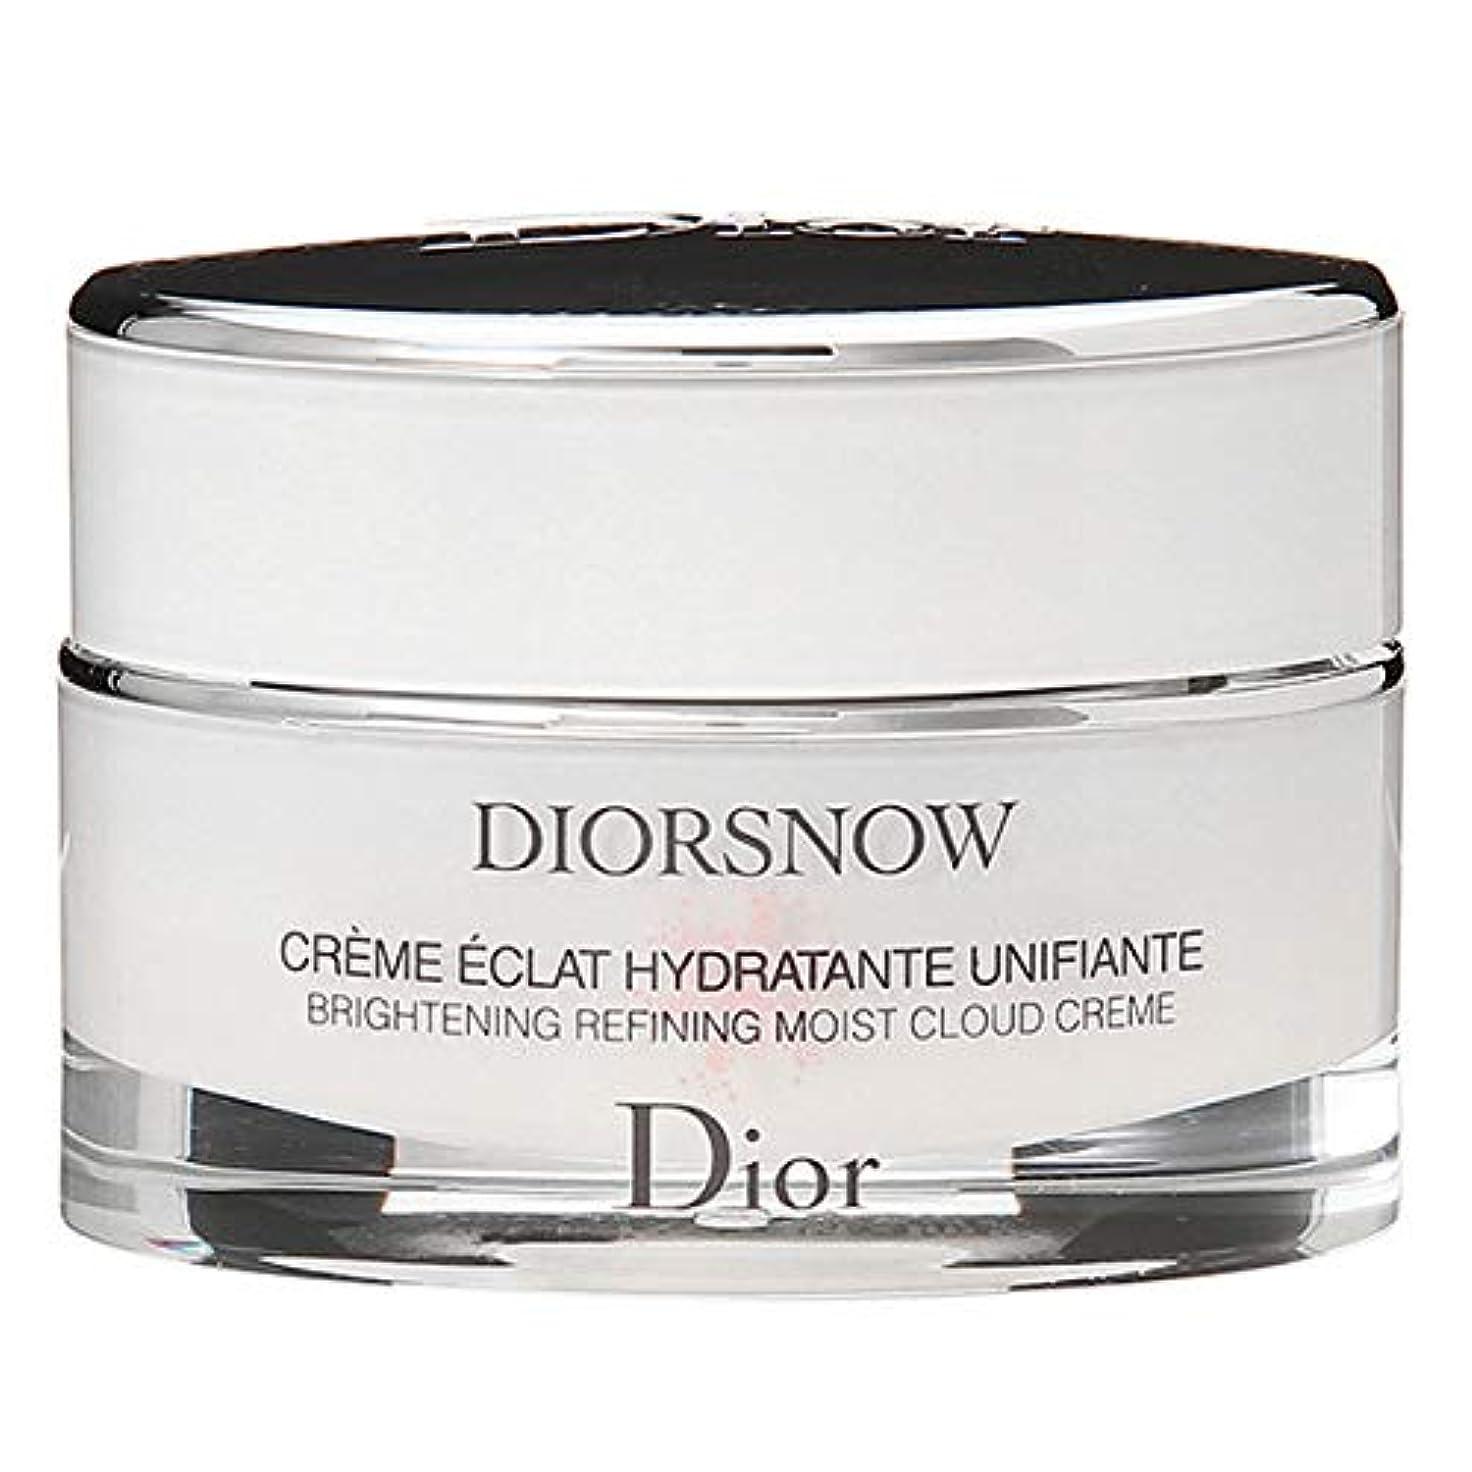 全部責任治すクリスチャンディオール Christian Dior ディオール スノー ブライトニング モイスト クリーム 50mL 【並行輸入品】